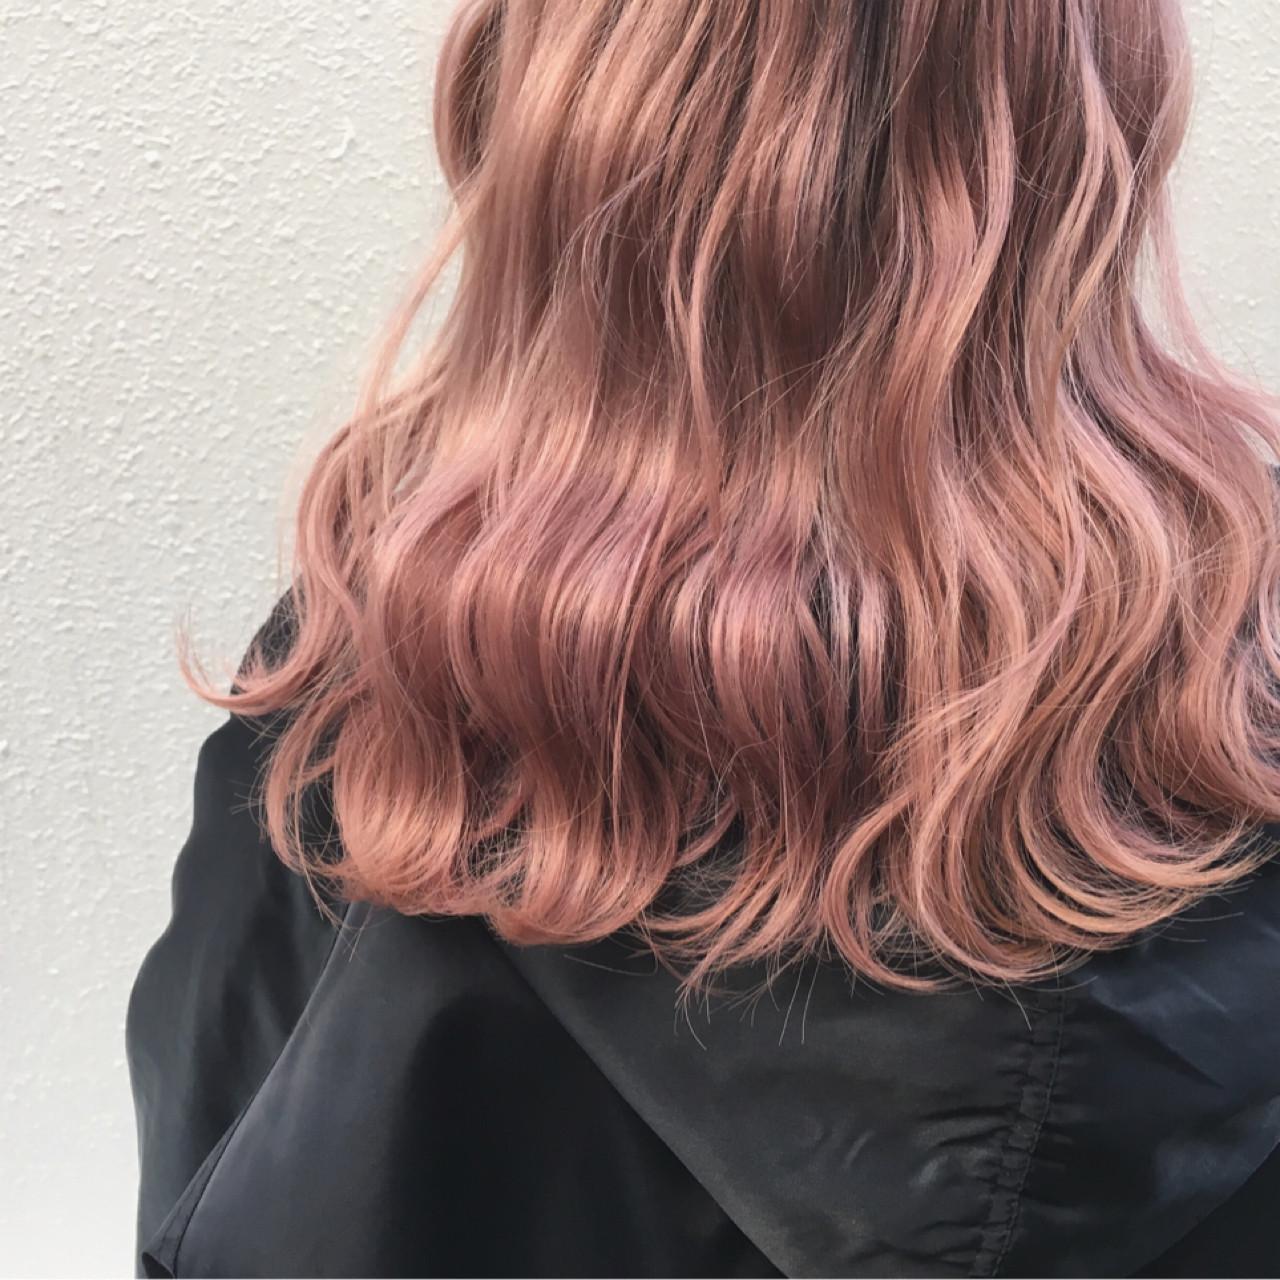 ハイトーン ロング ベージュ 波ウェーブ ヘアスタイルや髪型の写真・画像